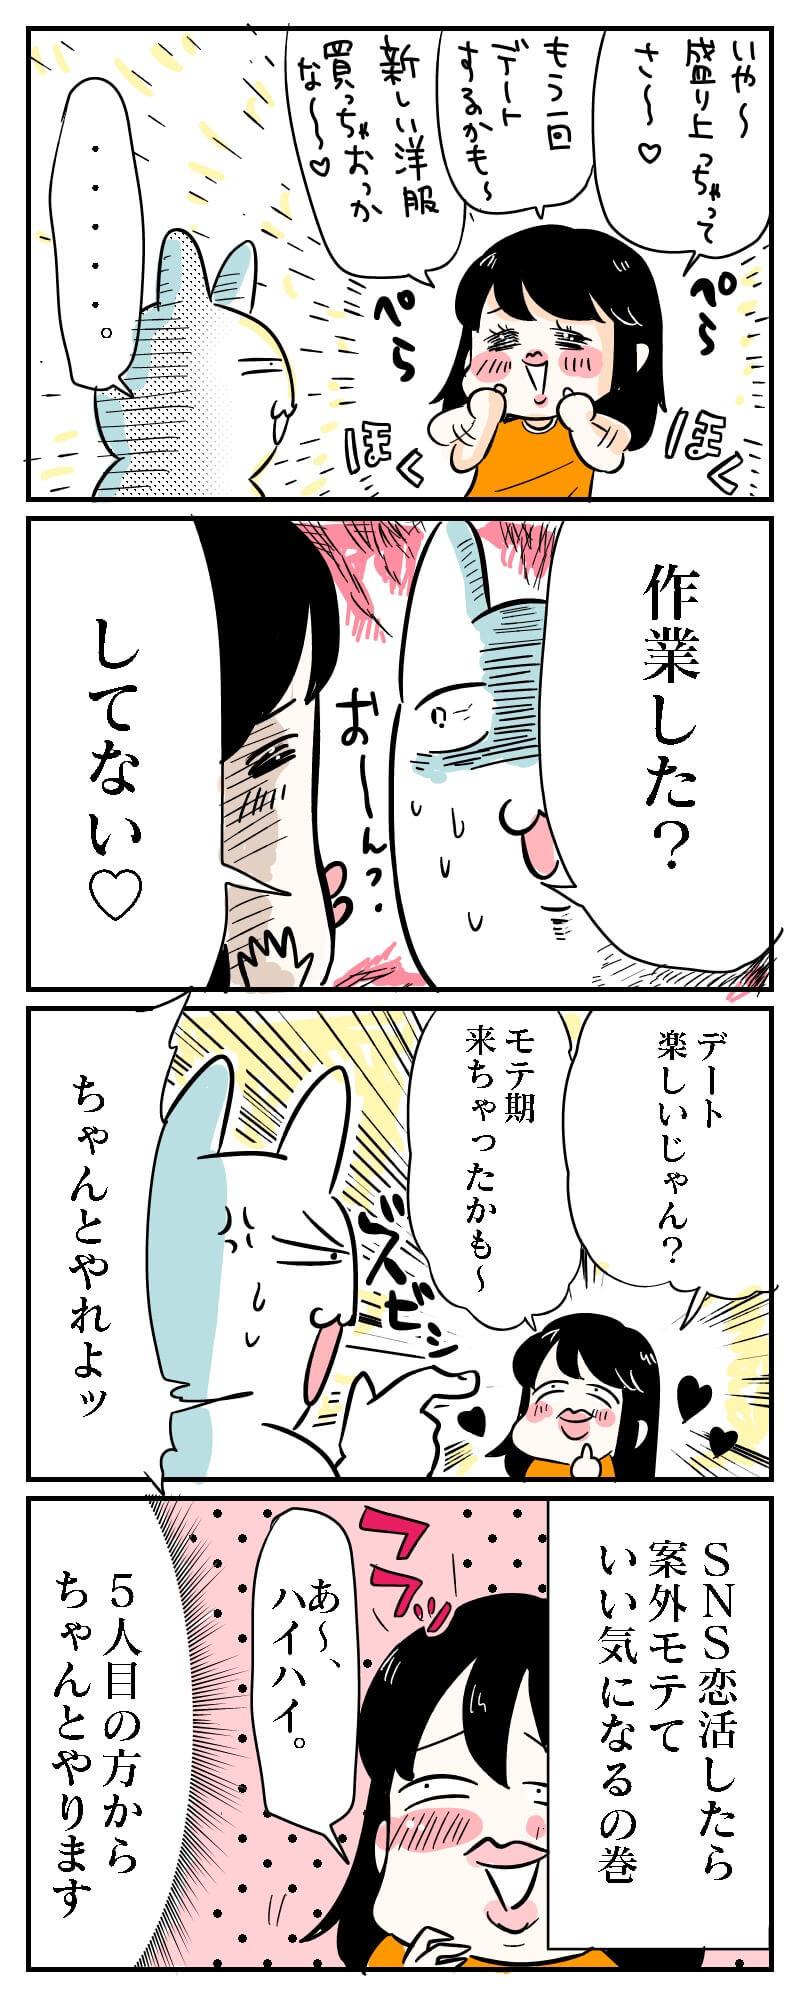 アラサーsns恋活マンガ4